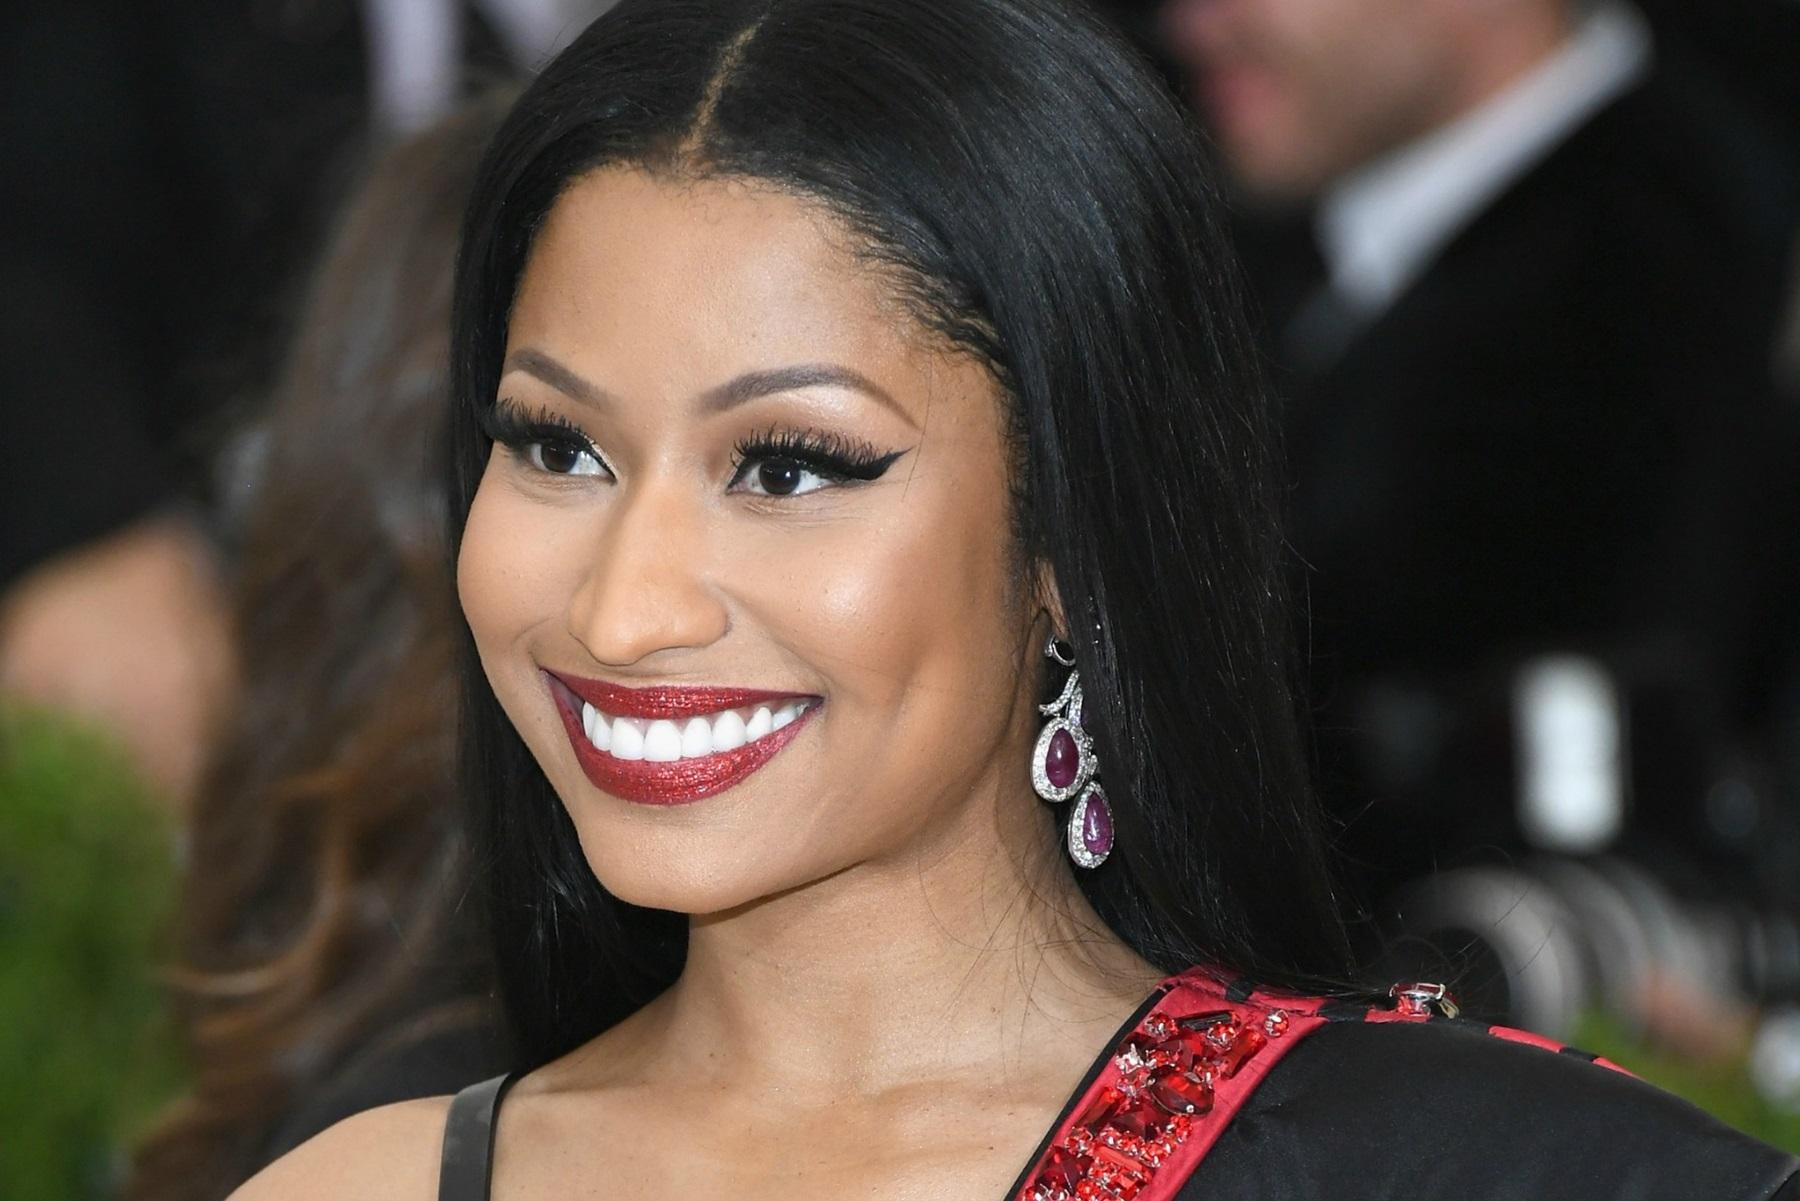 Nicki Minaj Fendi Retiring From Music